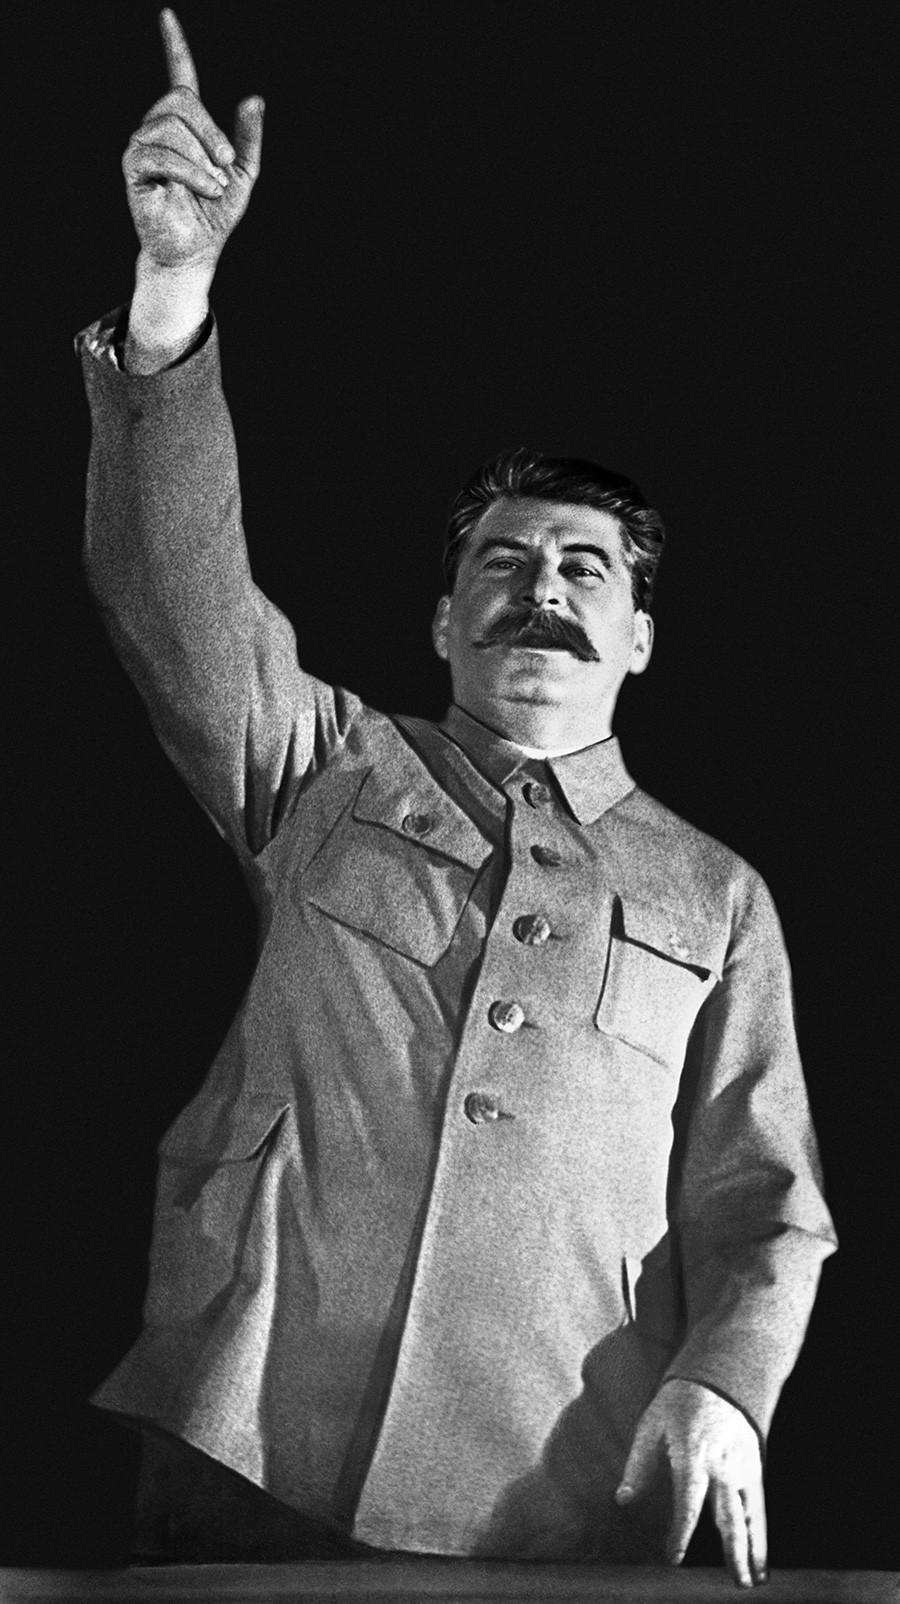 Na década de 1920, Stálin vestia túnica cinza estilo militar com gola alta e quatro bolsos